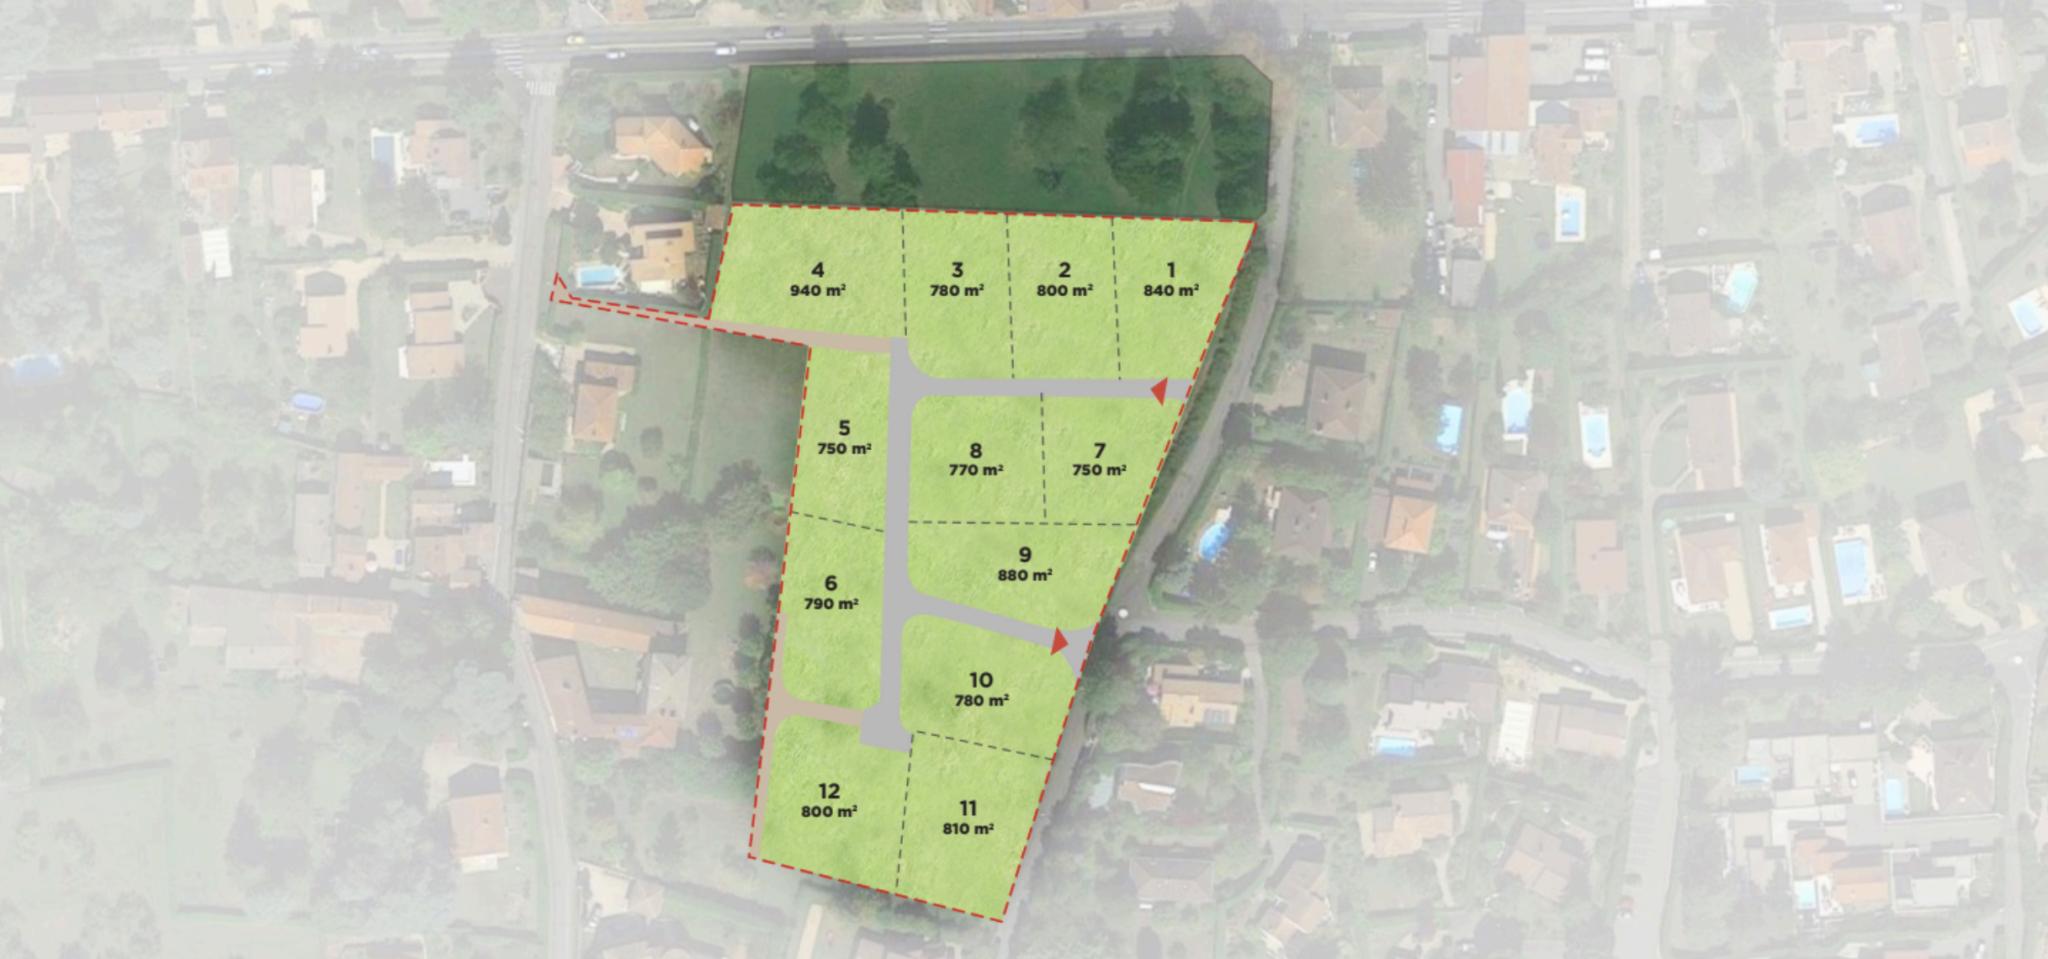 Domaine de Montpiollier plan de masse